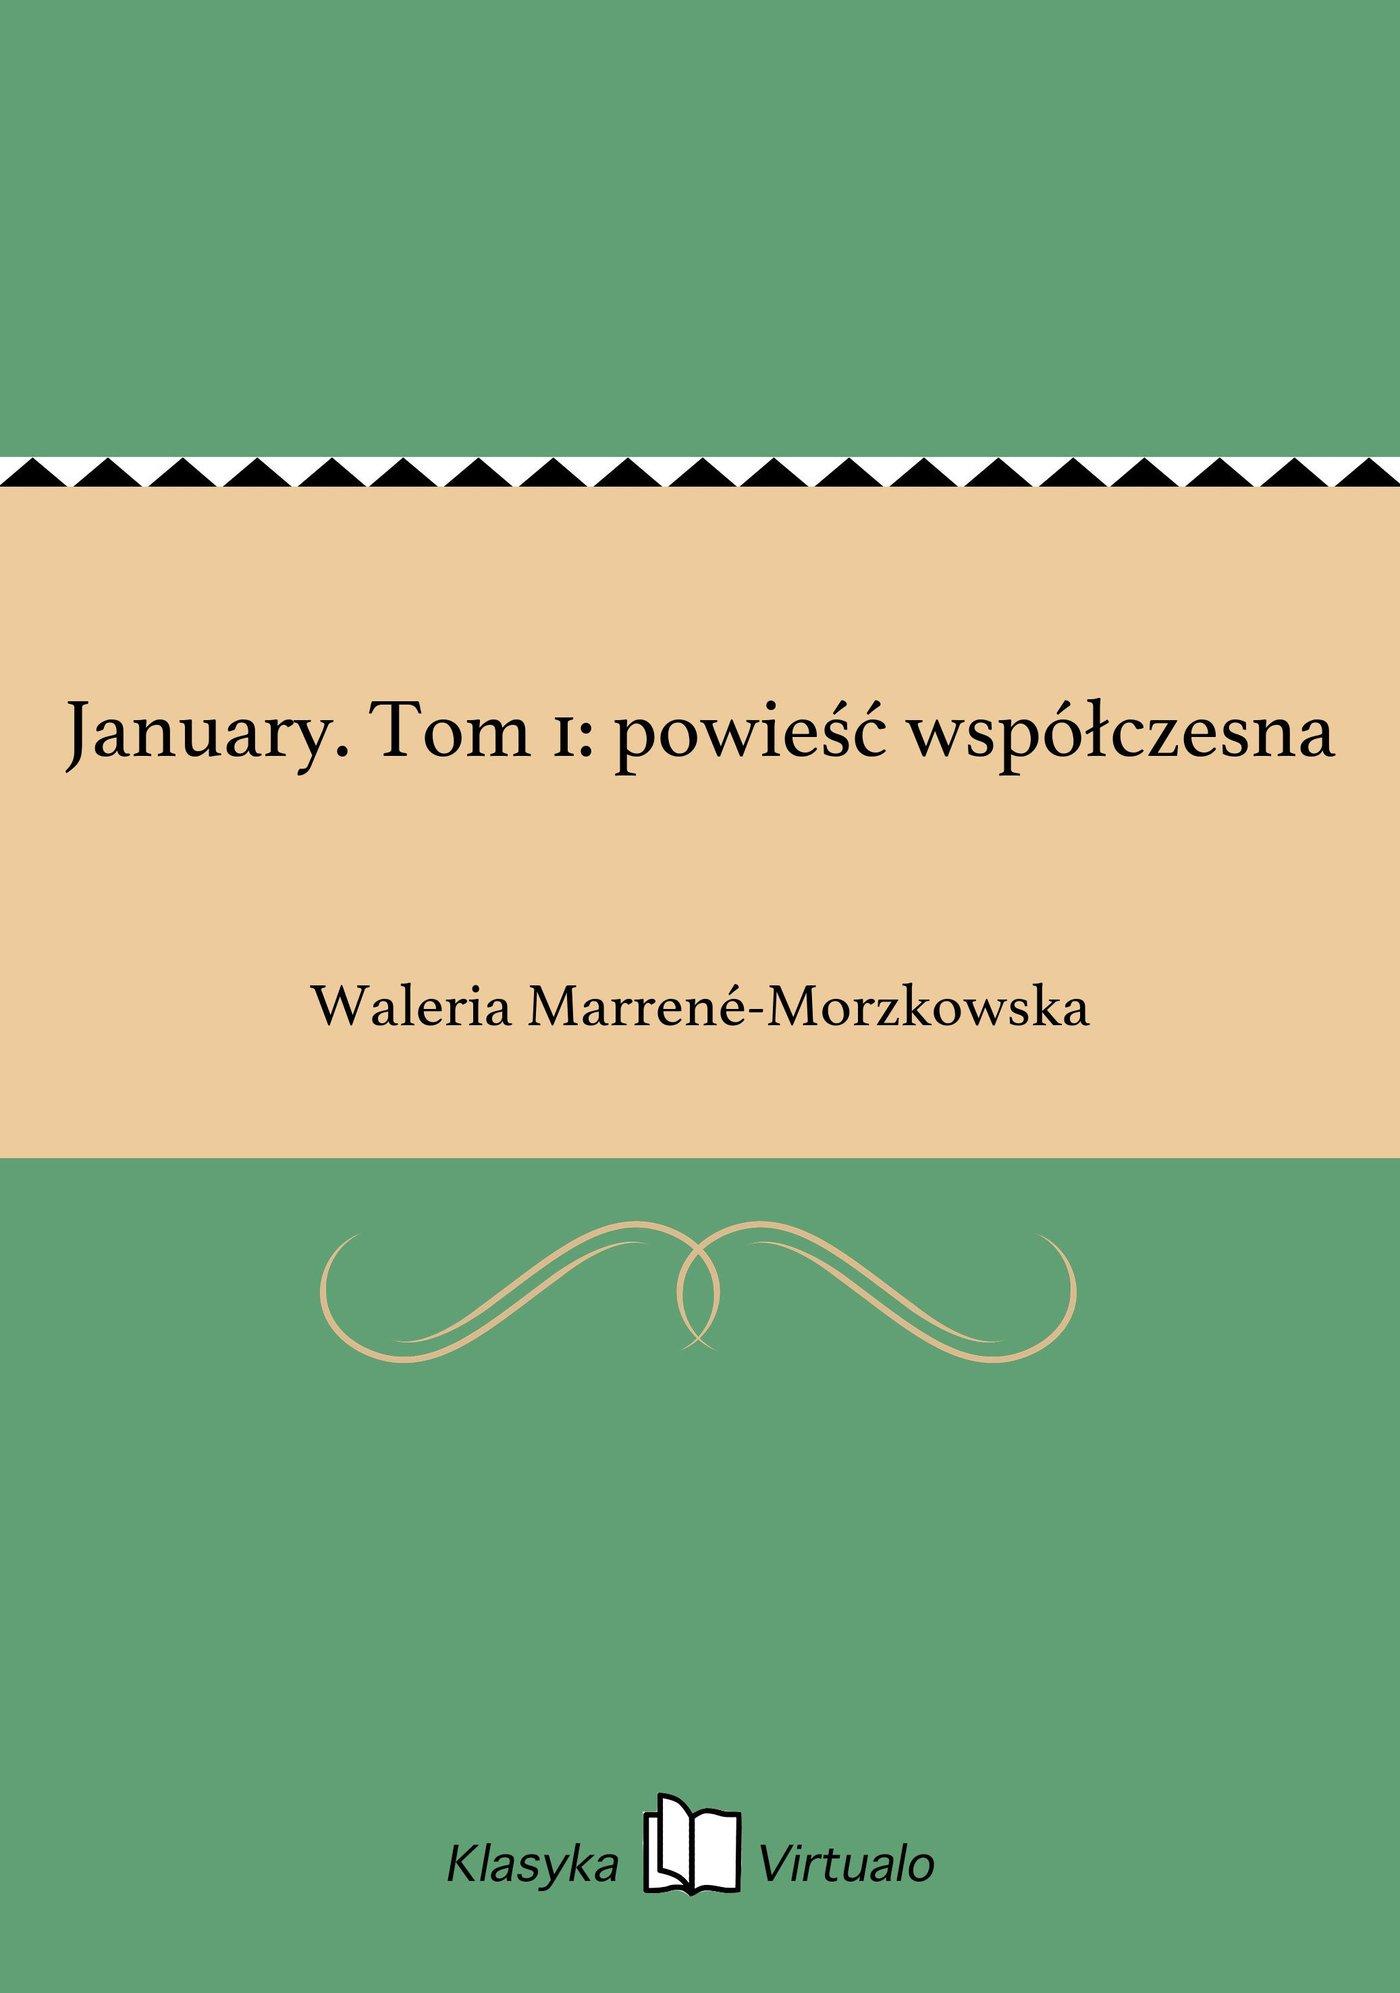 January. Tom 1: powieść współczesna - Ebook (Książka EPUB) do pobrania w formacie EPUB